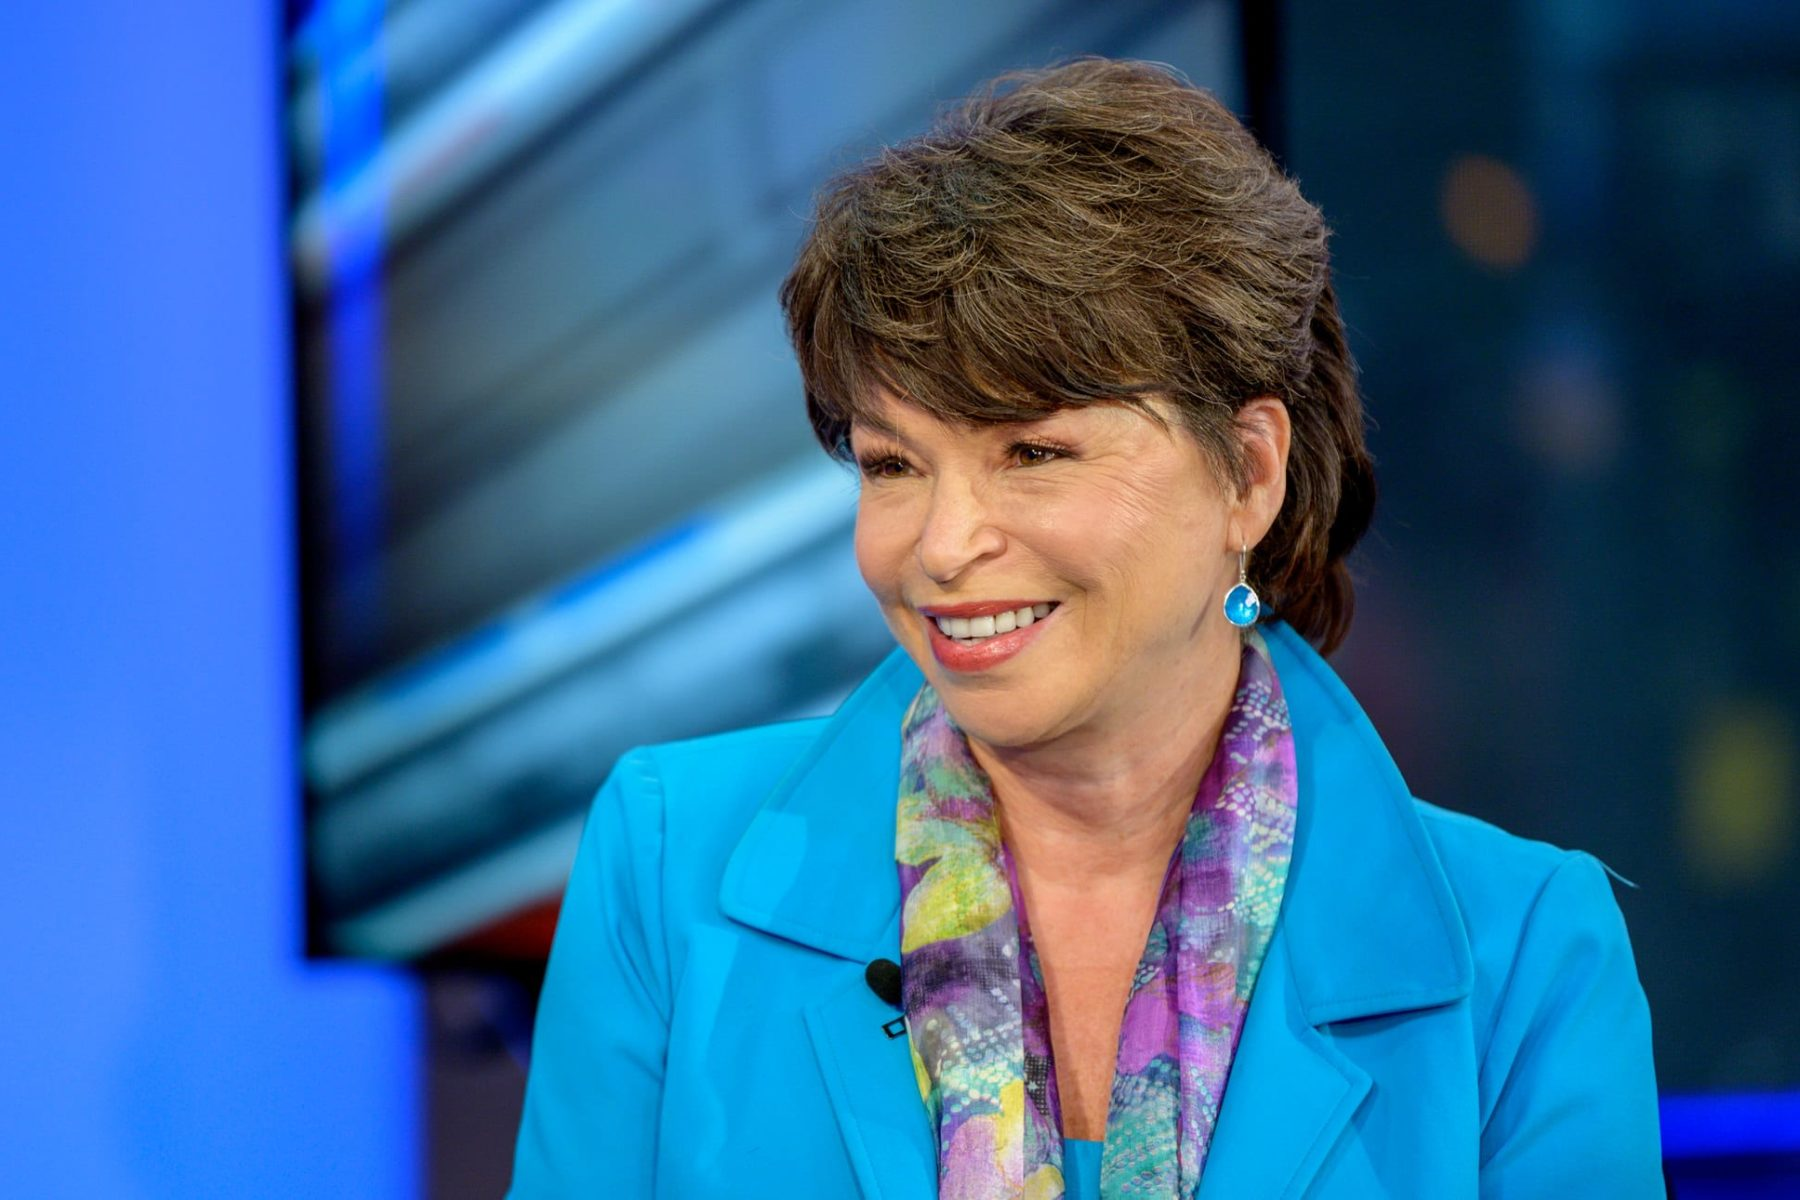 NEW YORK, NEW YORK - JUNE 13: Former Senior Advisor to the Barack Obama White House Valerie Jarrett visits